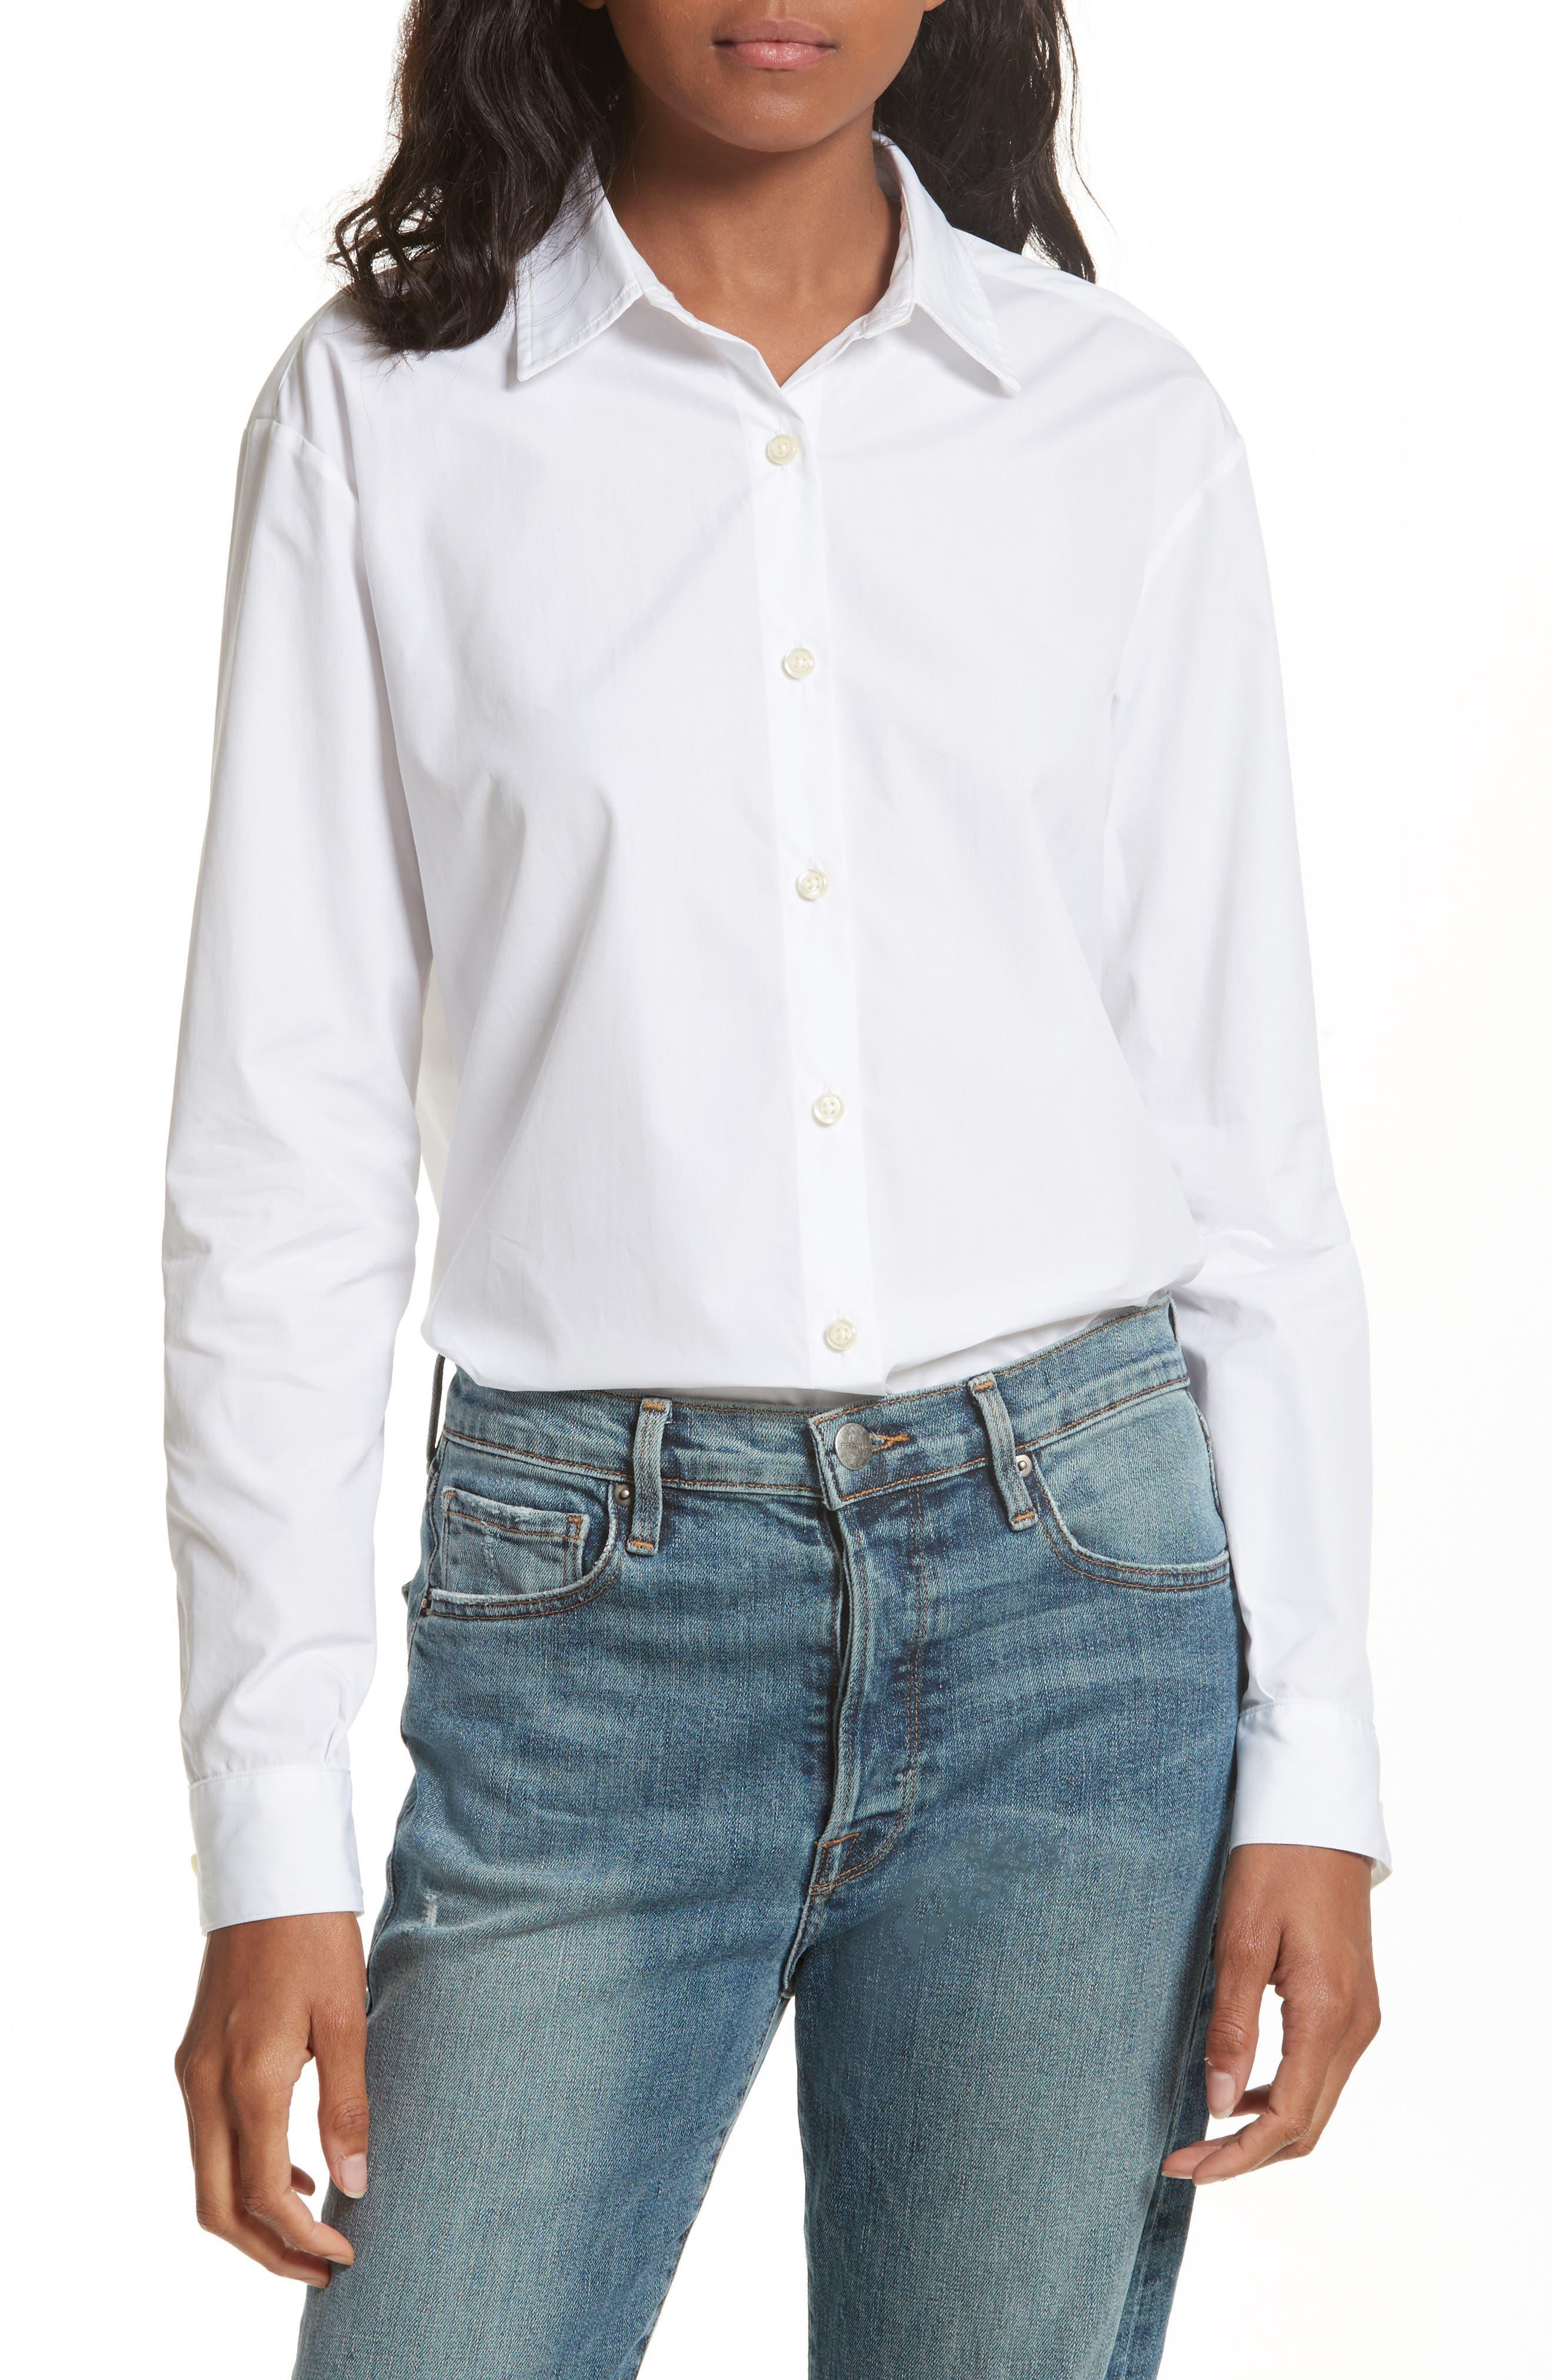 Main Image - Kule The Hutton Cotton Poplin Shirt